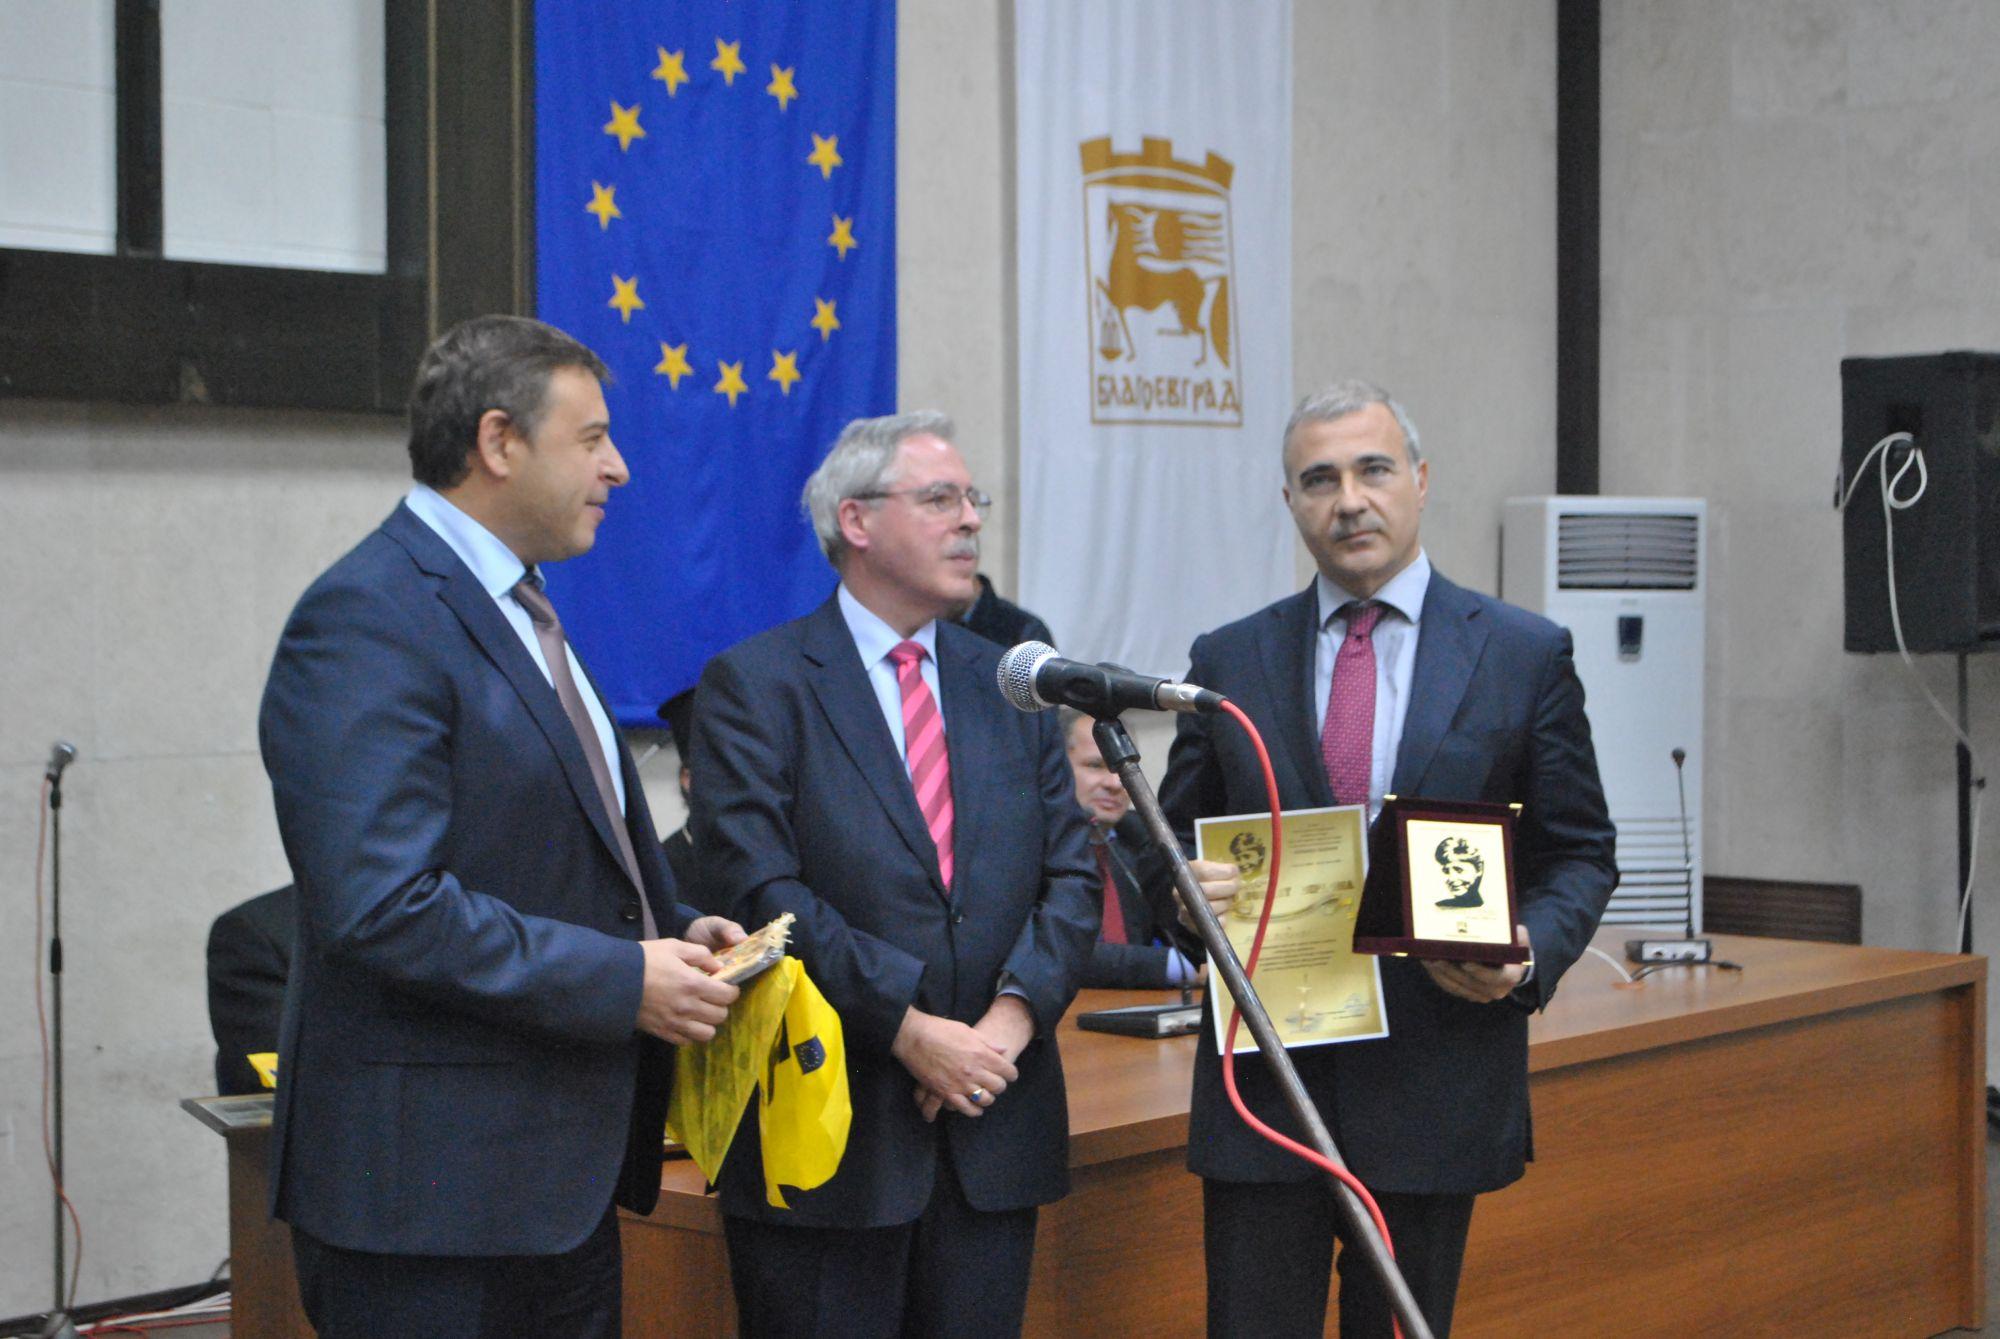 Read more: ECAD Representative Fabio Bernabei Awarded a Prize in Bulgaria